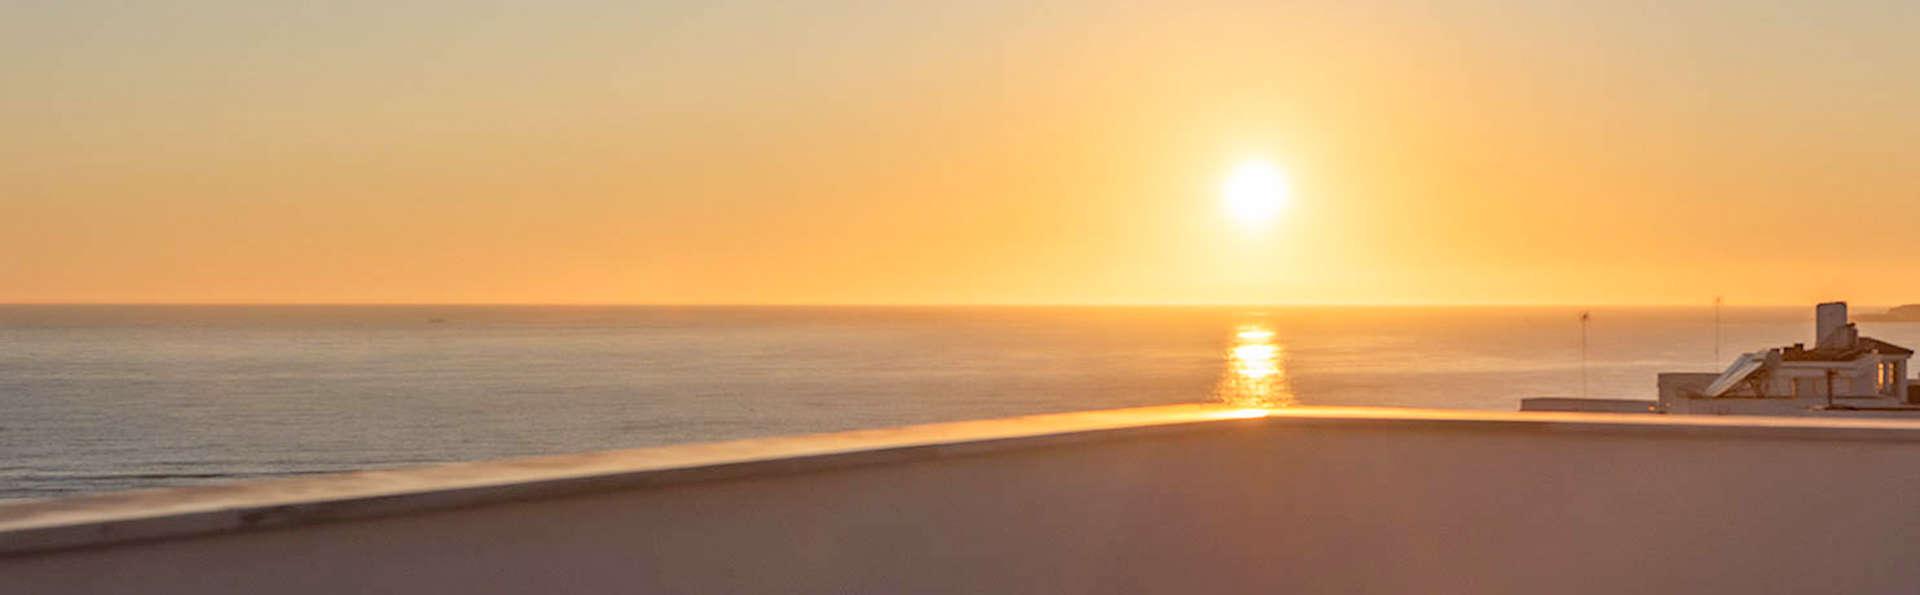 Descubre la playa de Conil de la Frontera en habitación superior en frente de la playa